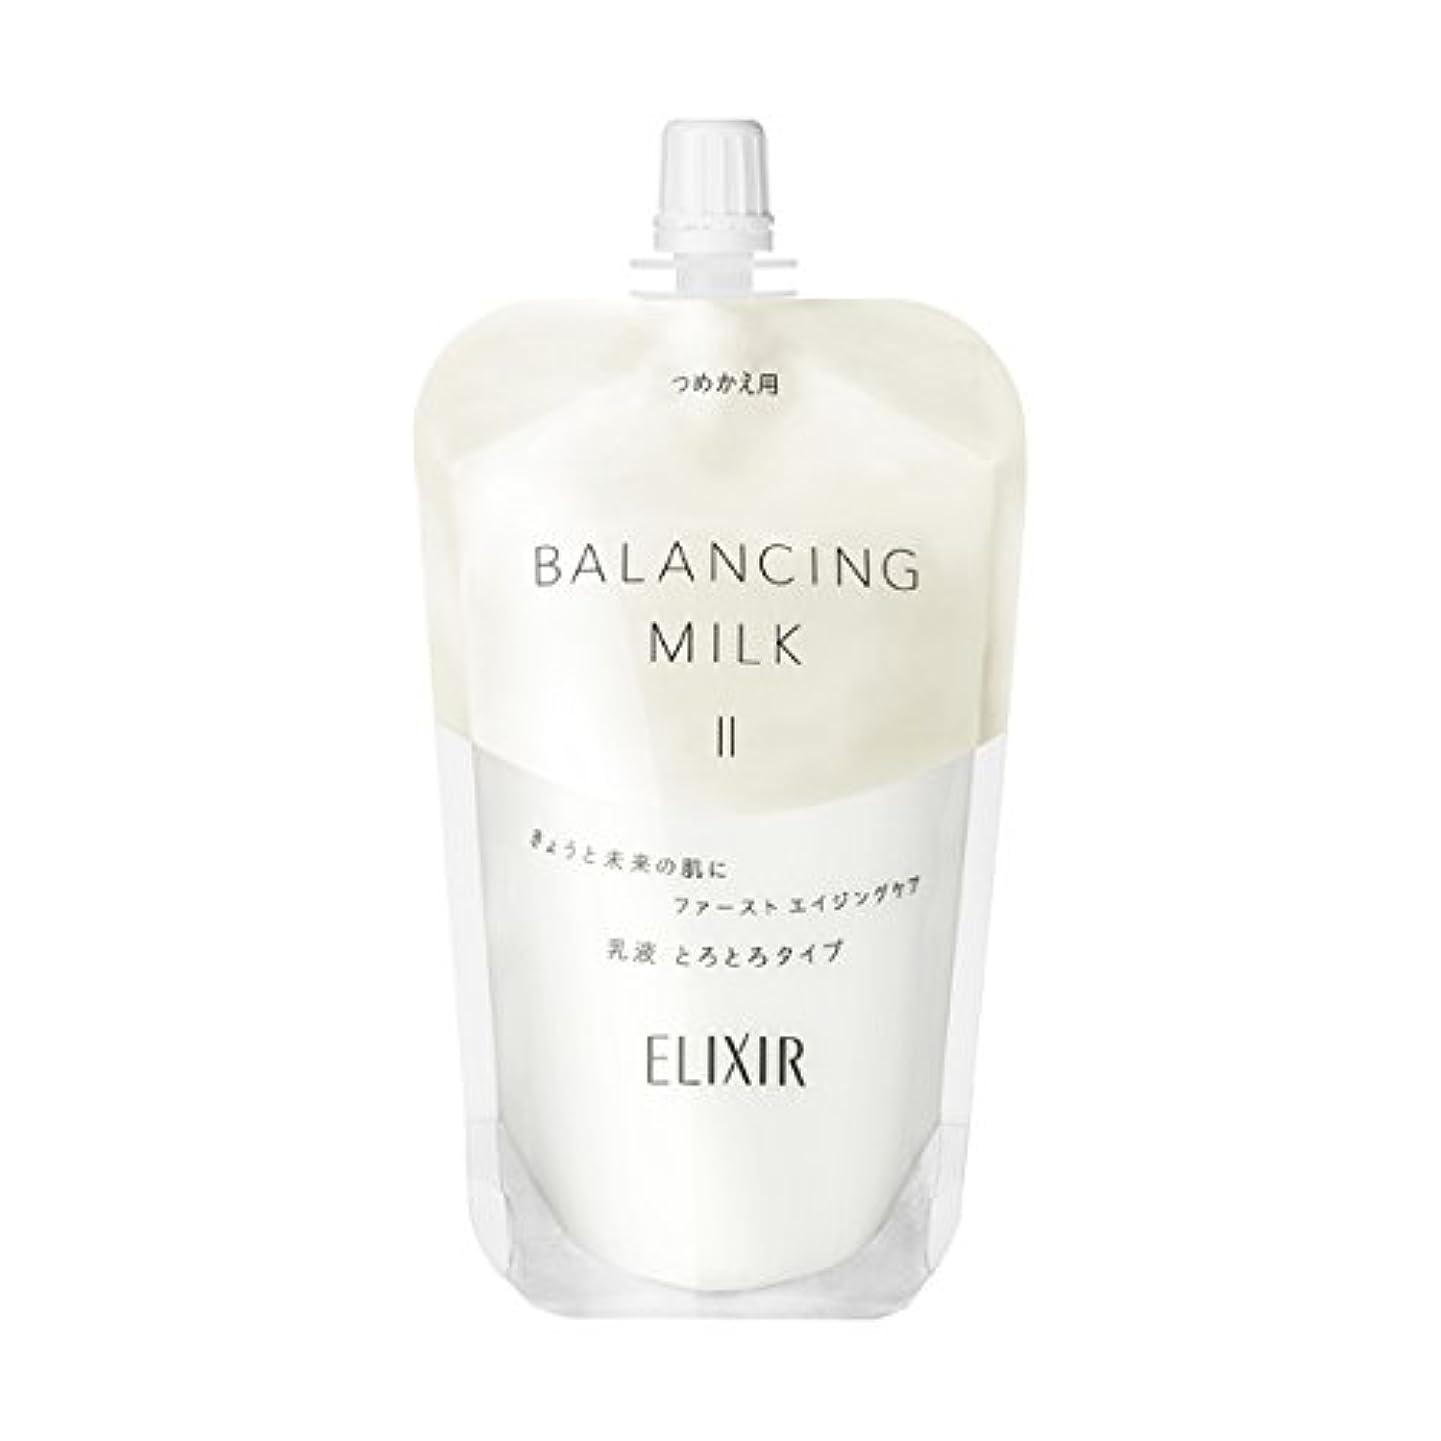 メディアコントラスト脇にエリクシール ルフレ バランシング ミルク 乳液 2 (とろとろタイプ) (つめかえ用) 110mL